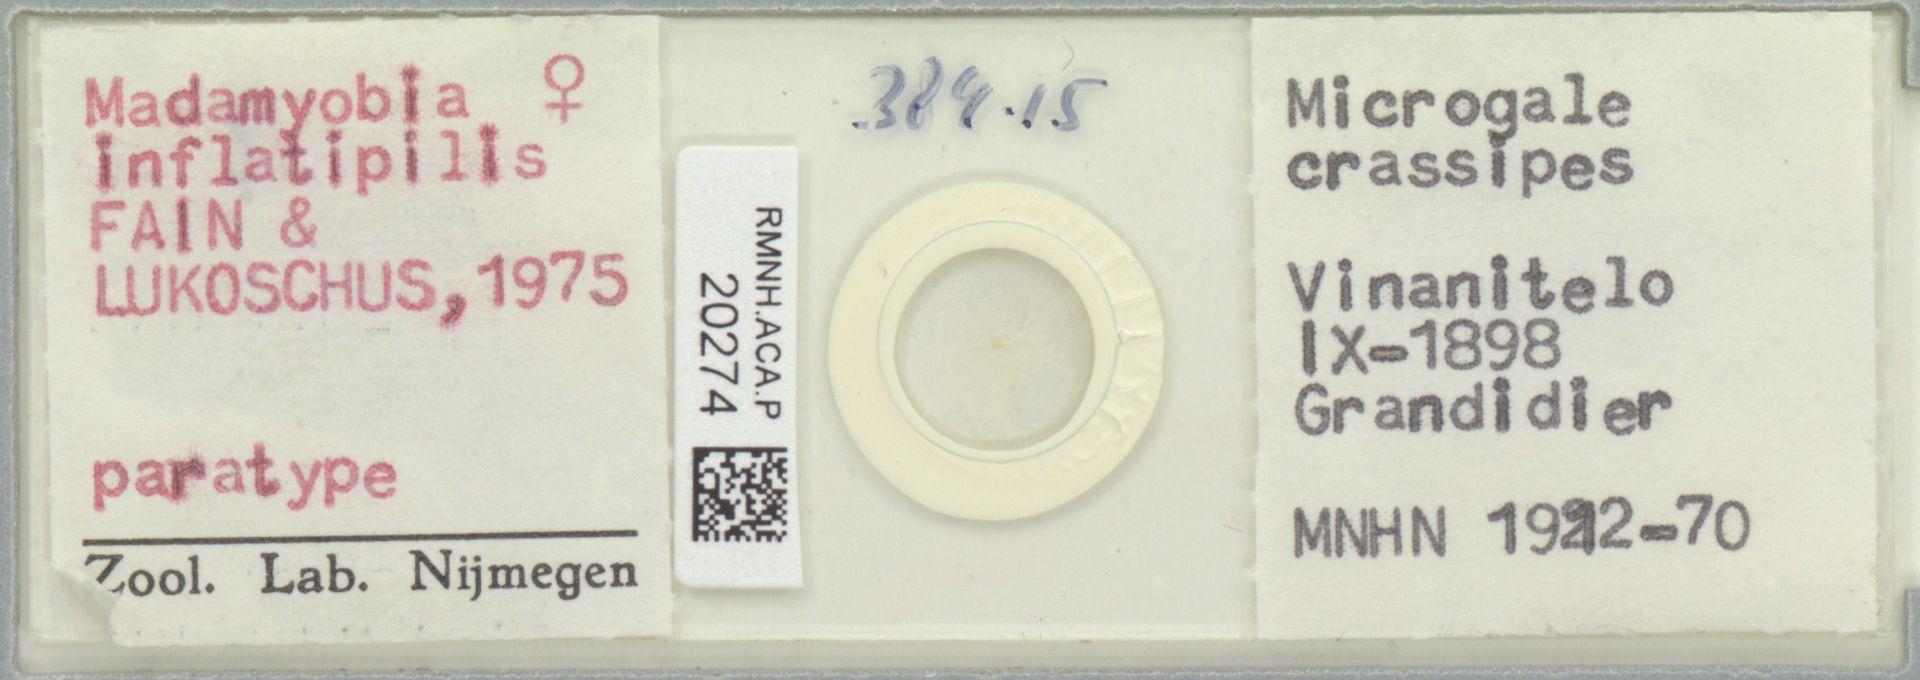 RMNH.ACA.P.20274 | Madamyobia inflatipilis